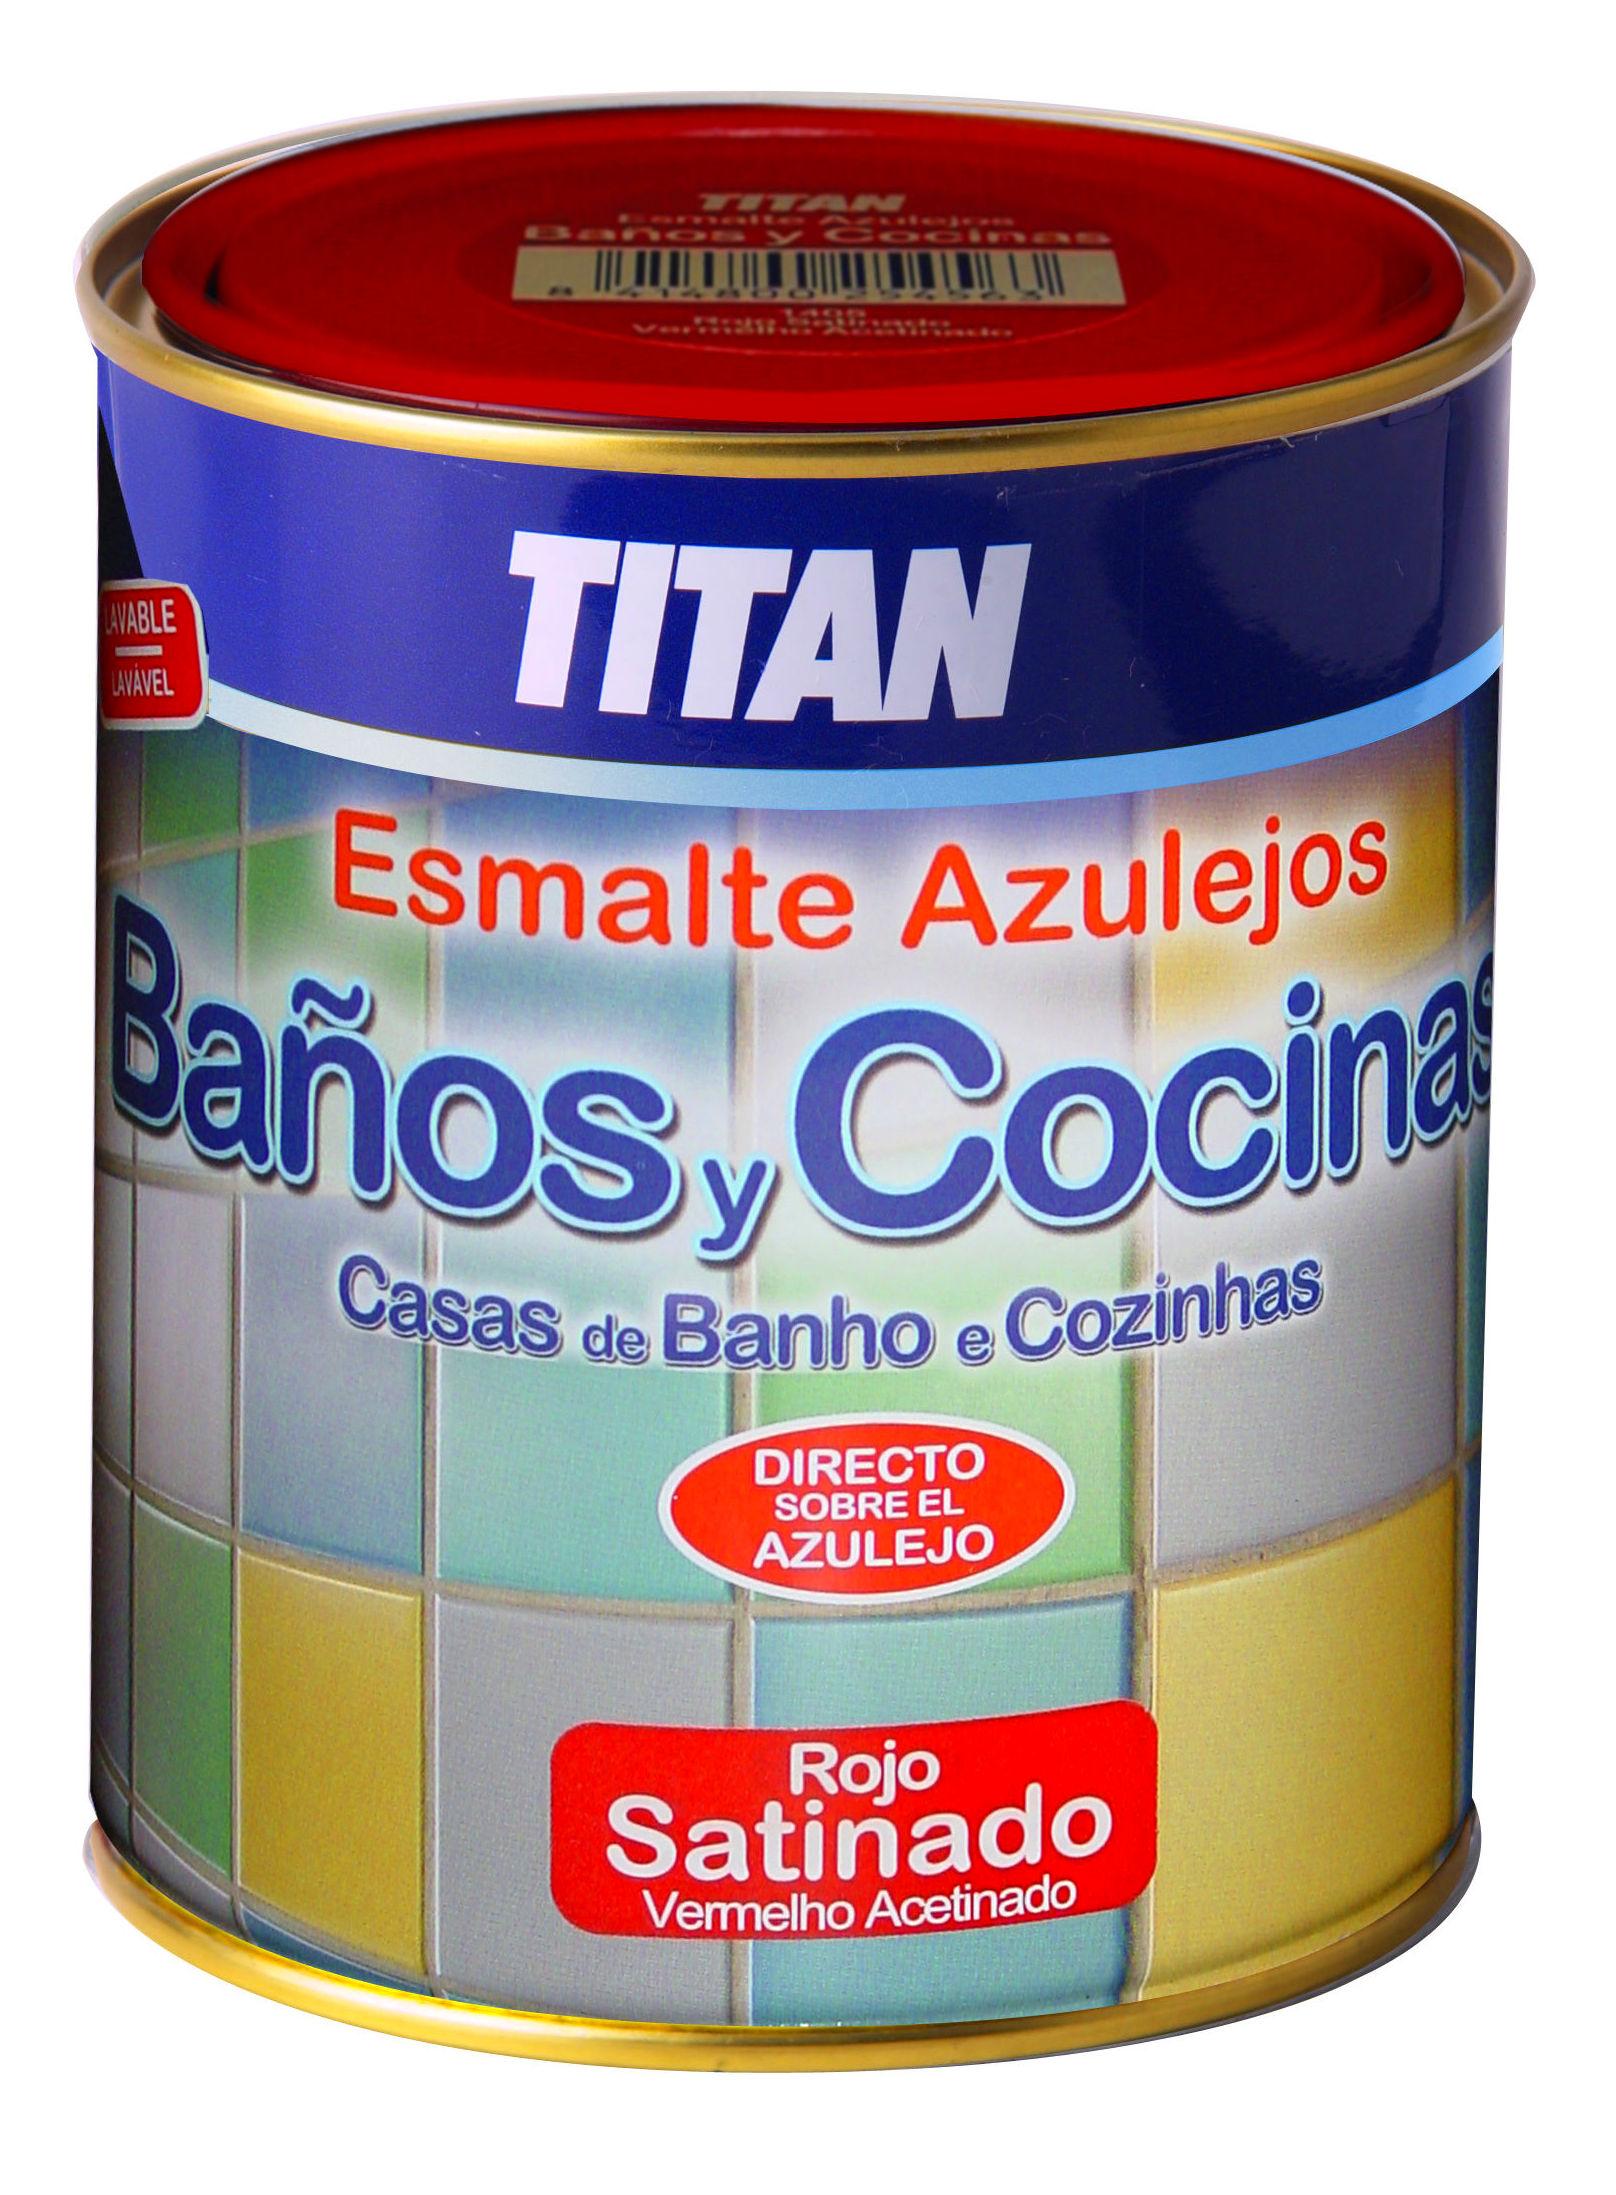 Titan Baños y Cocinas